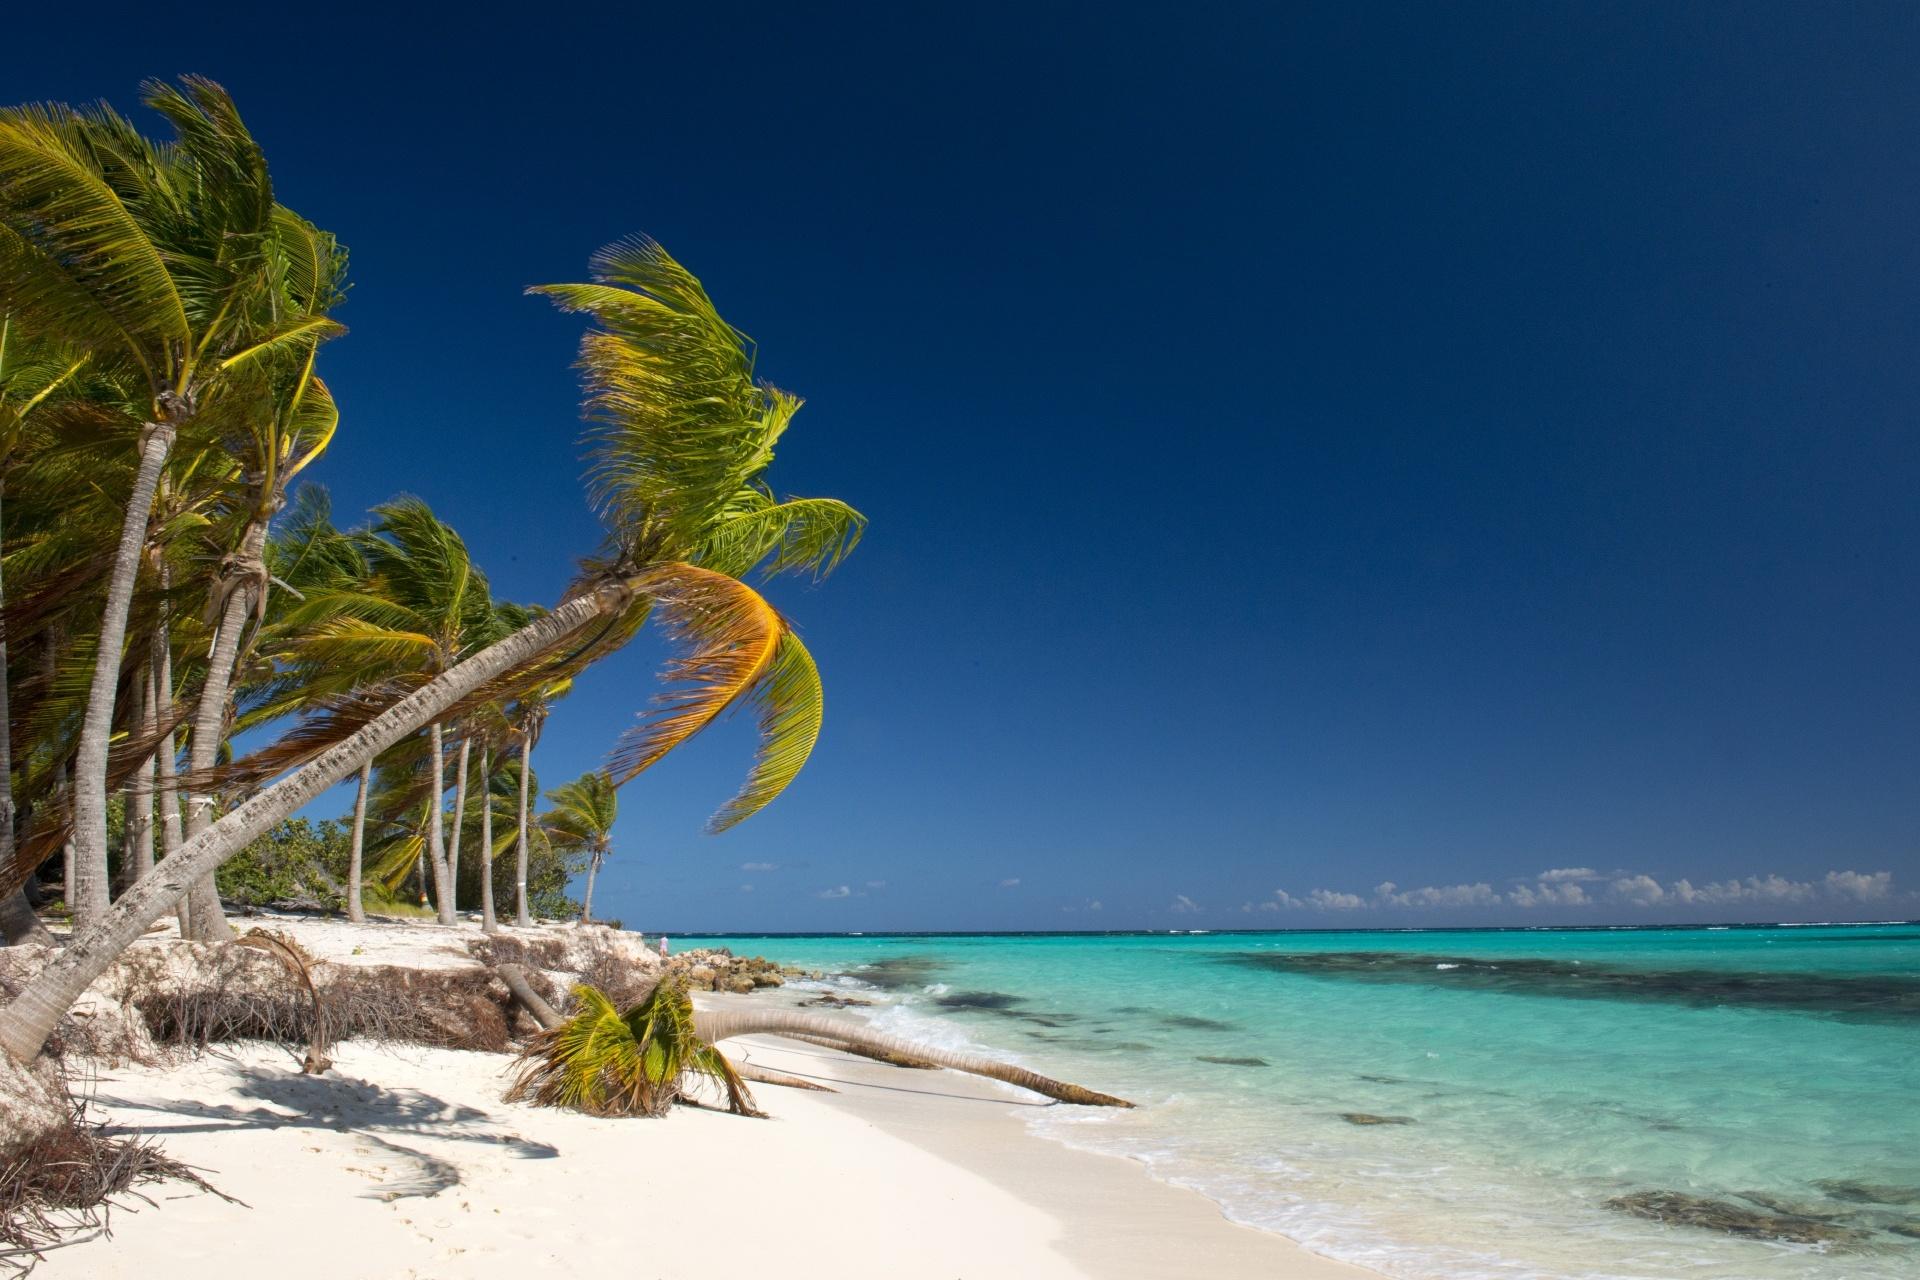 カリブ海 アンギラ島の風景